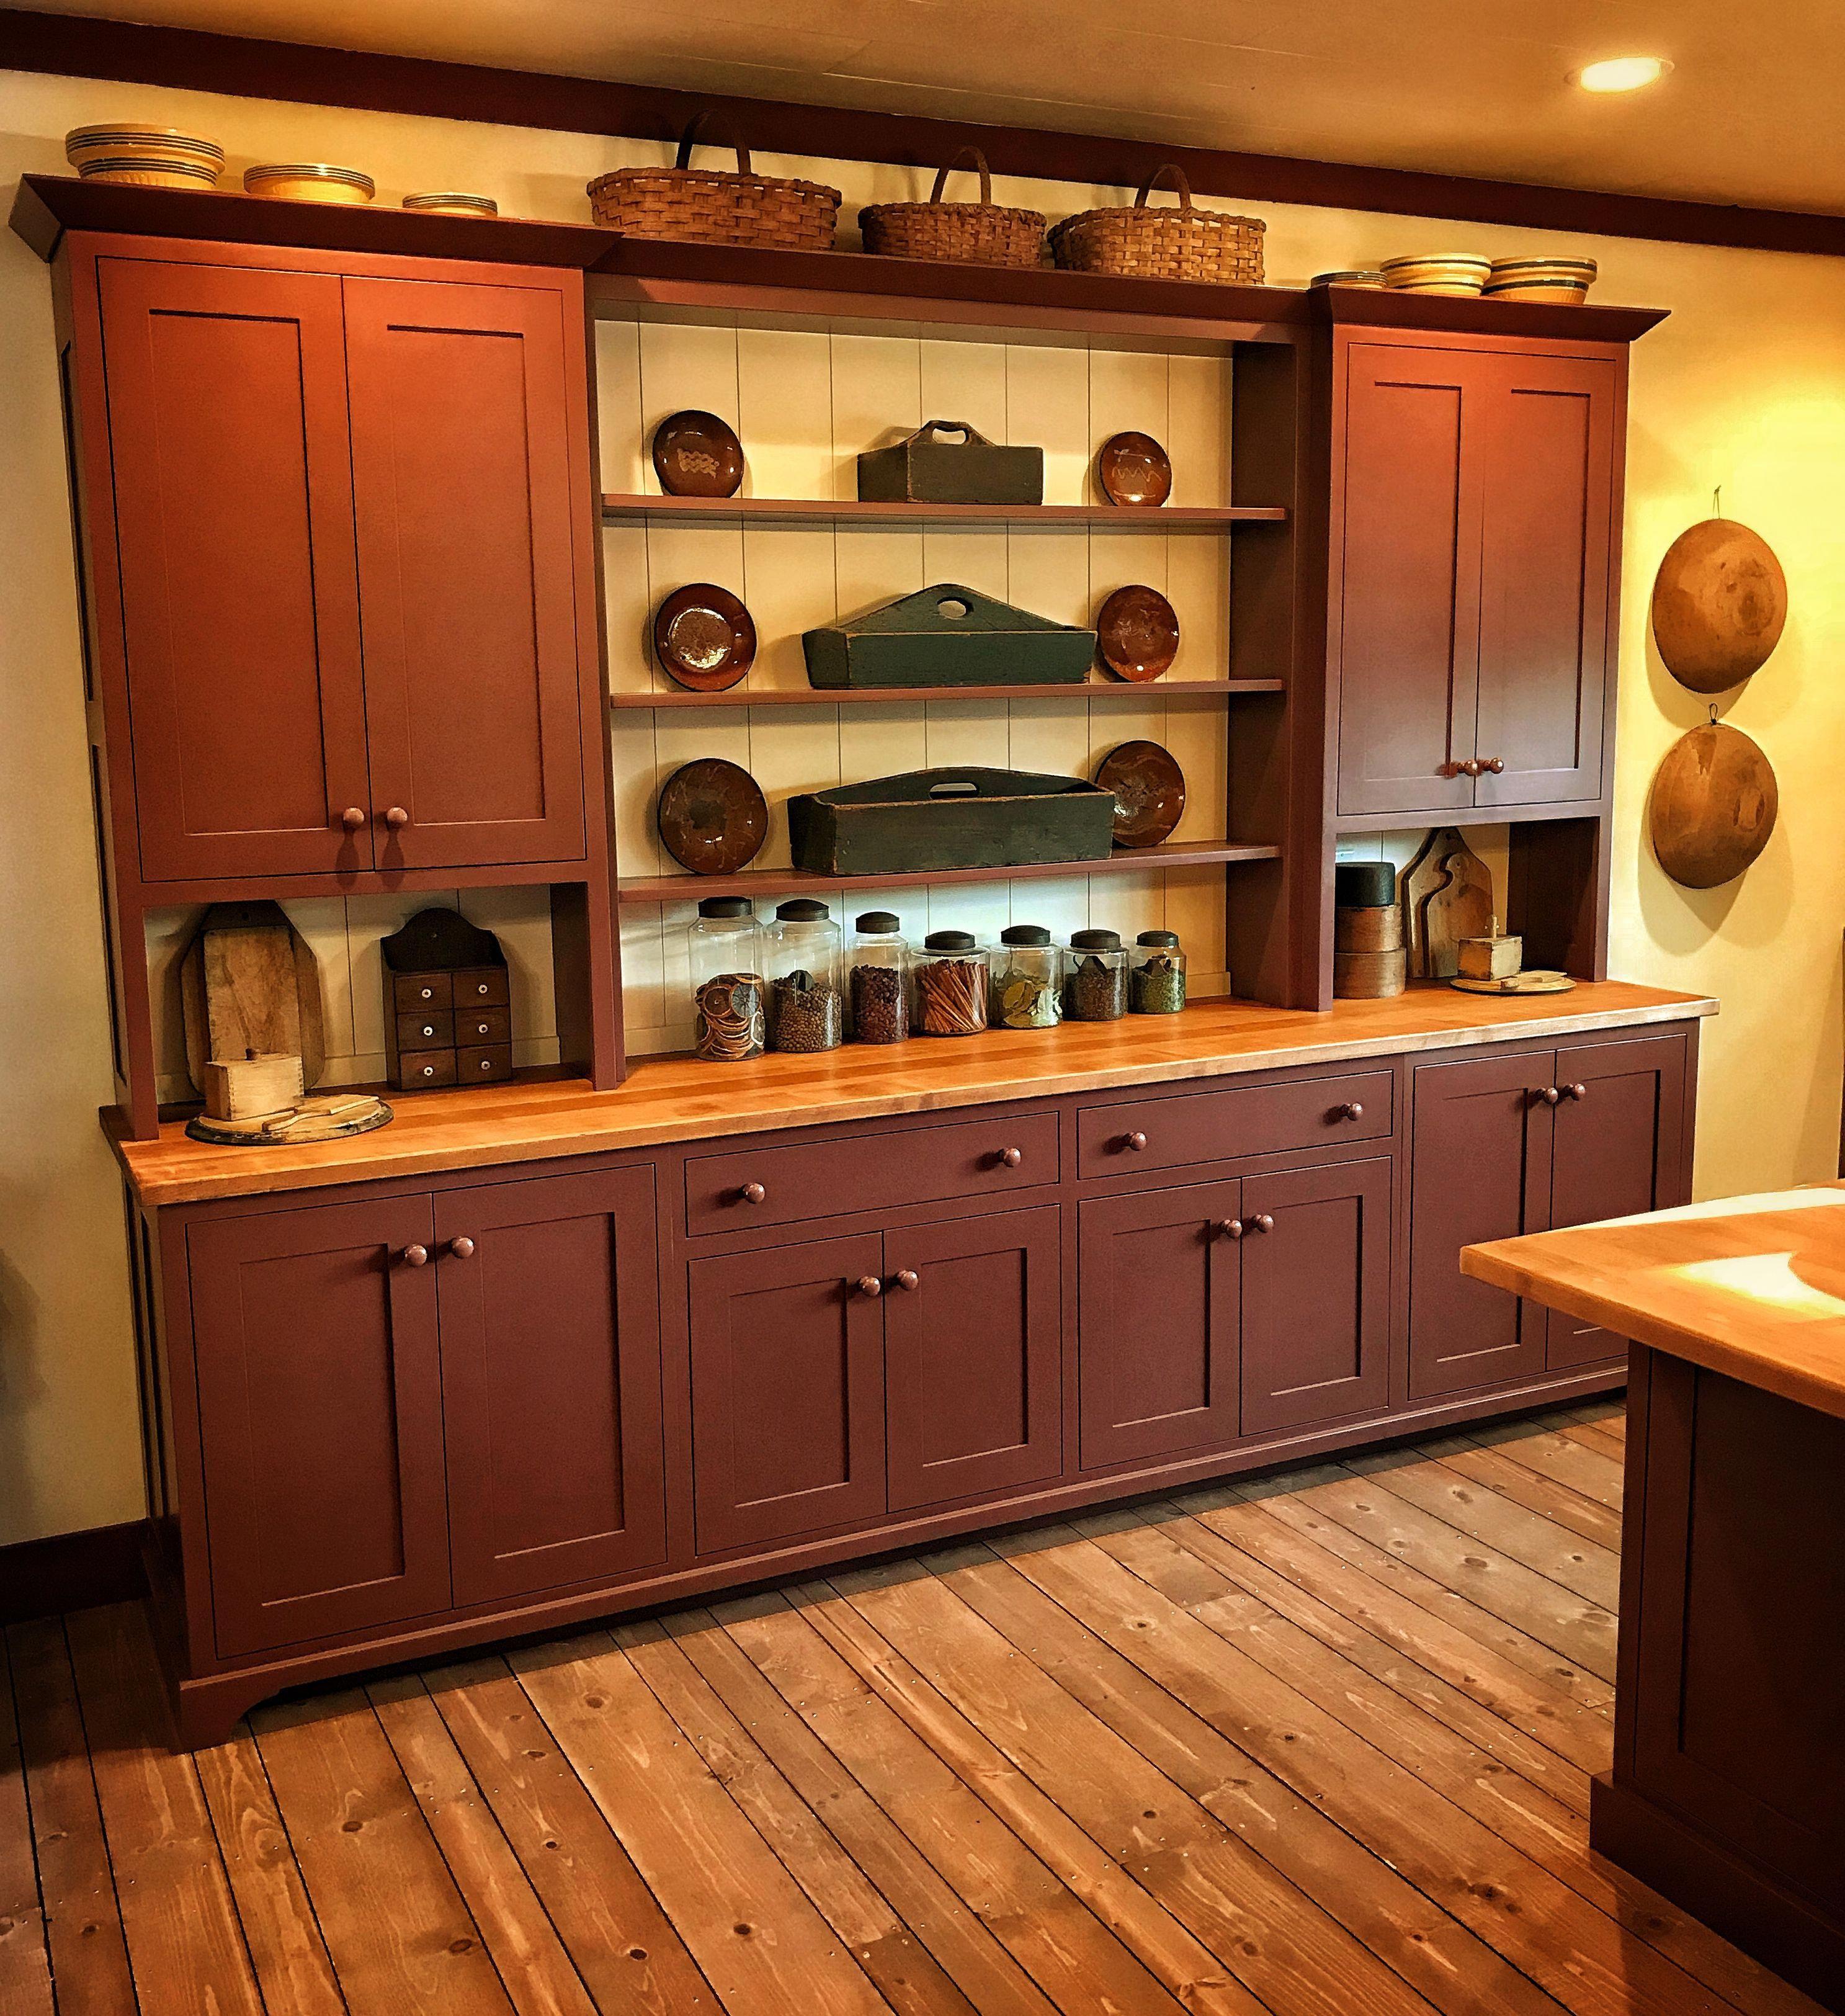 Wholesale Primitive Home Decor: Wholesale Primitive Decor Distributors #Primitivedecor